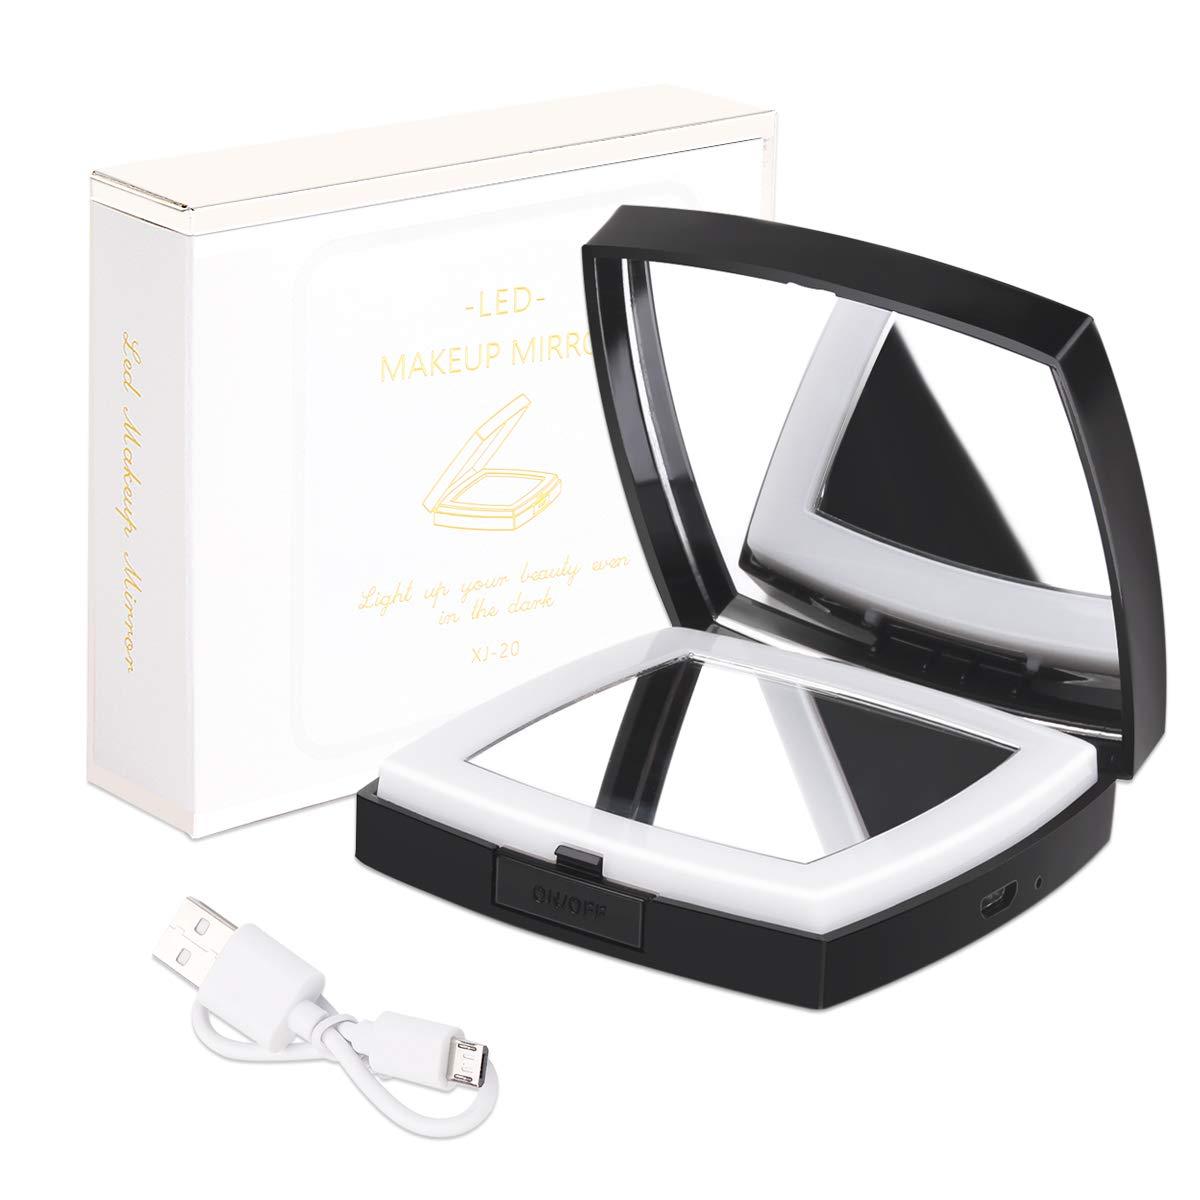 Ragbarer Taschenspiegel Zweiseitiger Kosmetikspiegel mit 1X / 10X VergrößErung, USB Wiederaufladbar, Dreifarbig Schaltend, Klappbarer Kompaktspiegel, Spiegel füR Unterwegs,Diamant, Schwarz Spiegel füR Unterwegs Iadong